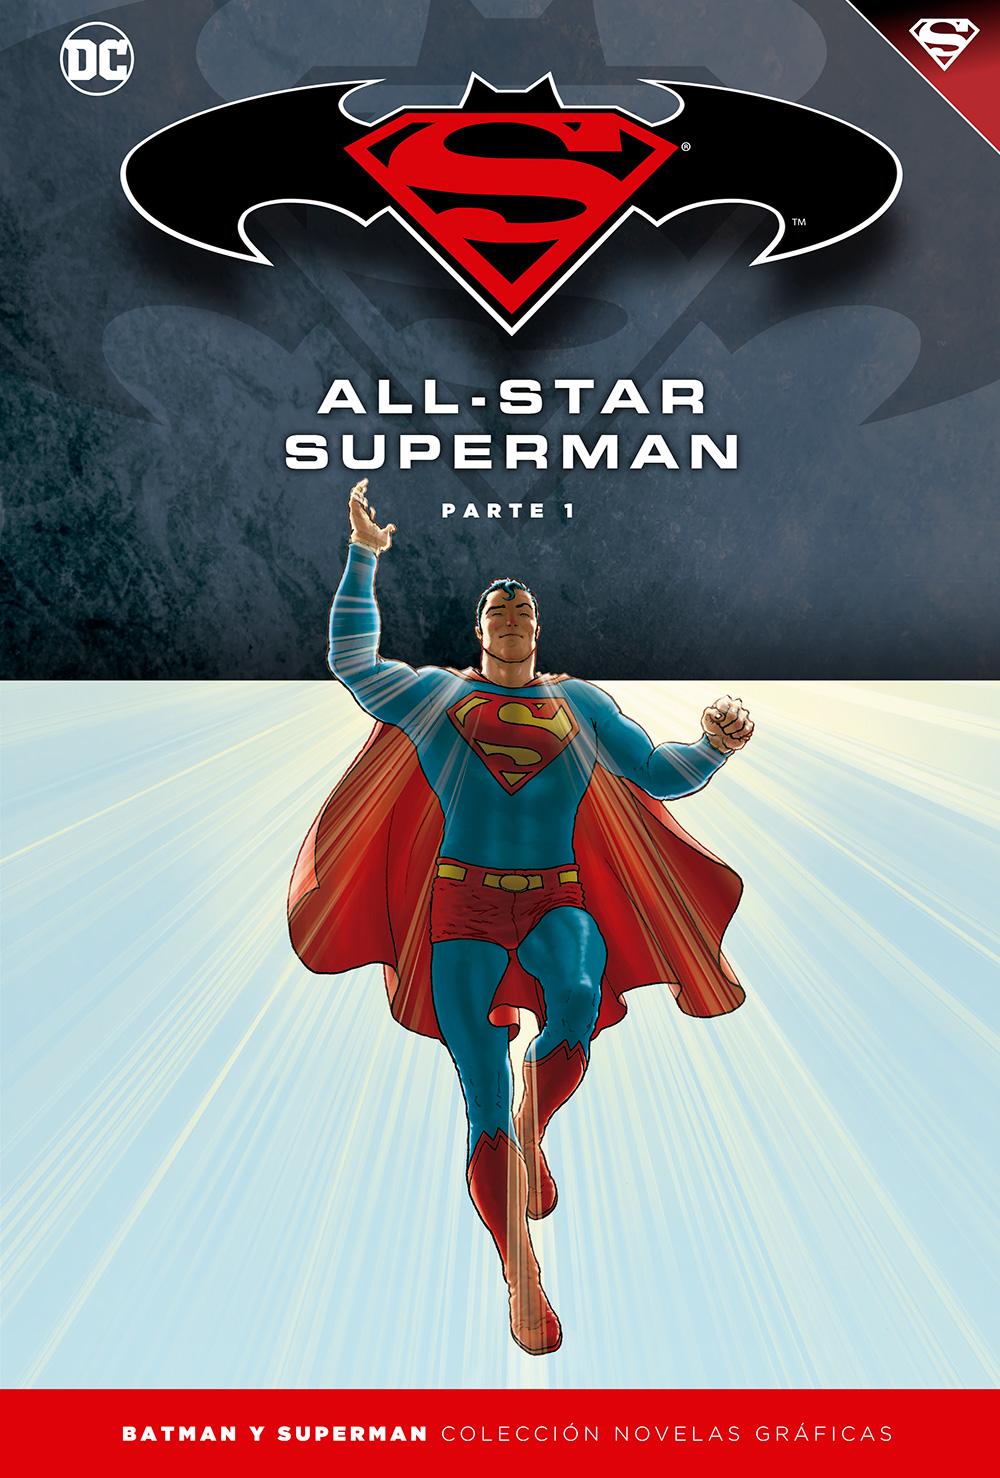 [DC - Salvat] Batman y Superman: Colección Novelas Gráficas - Página 4 Portada_BMSM_7_AllStarSuperman1